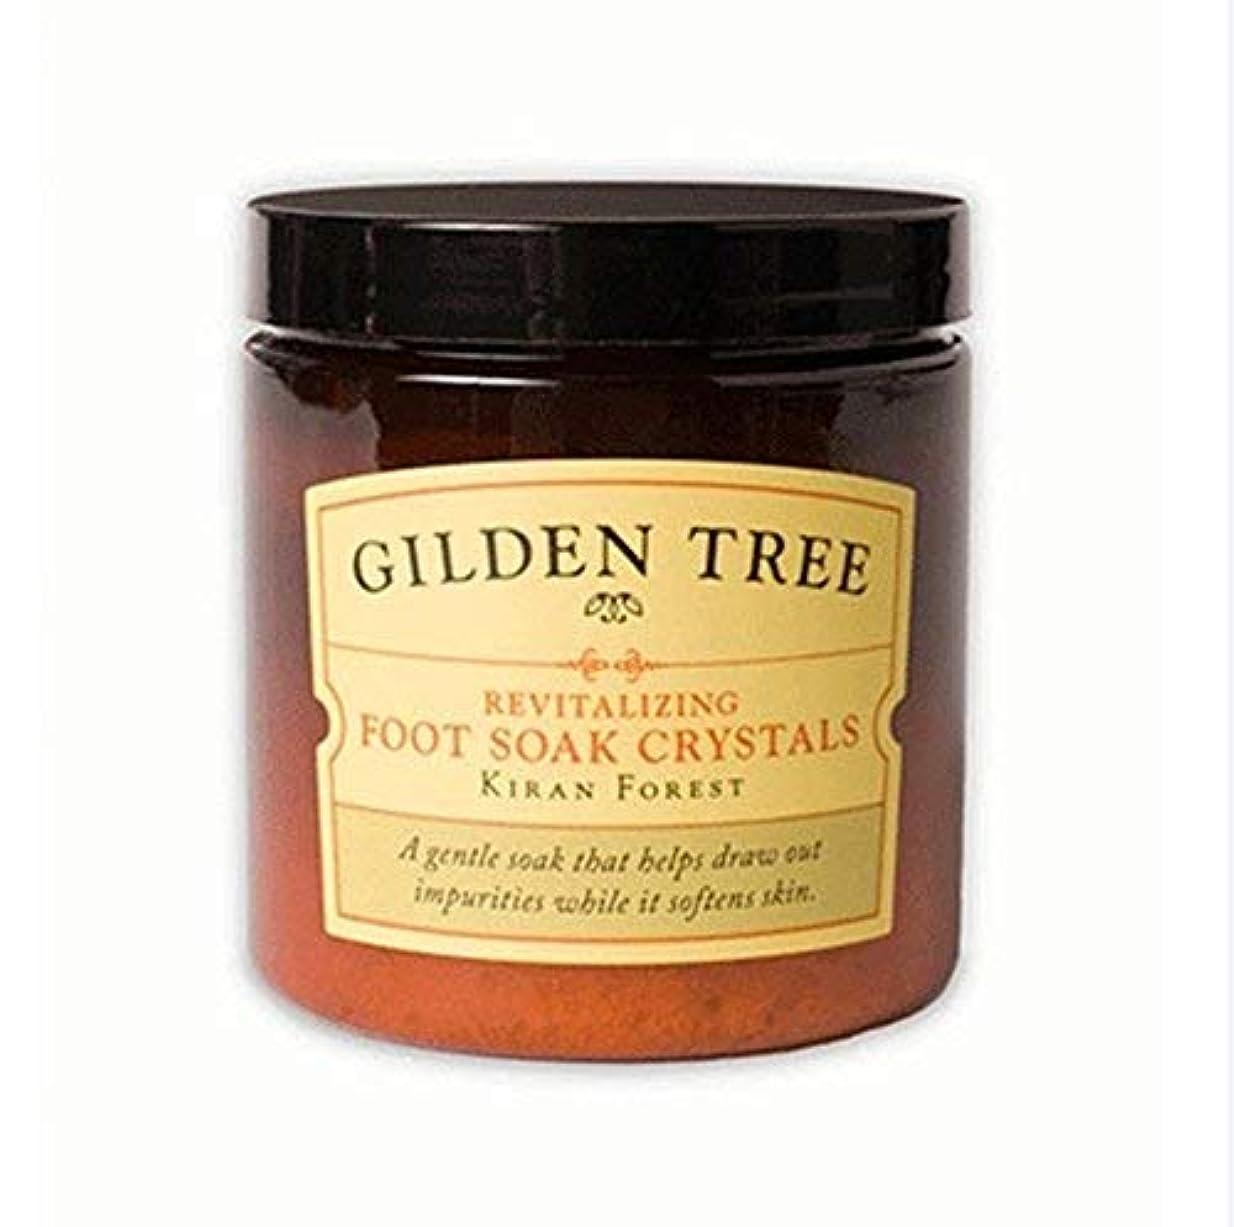 コロニアルホイットニーシャッターGilden Tree Revitalizing Foot Soak Crystals 8 oz. [並行輸入品]